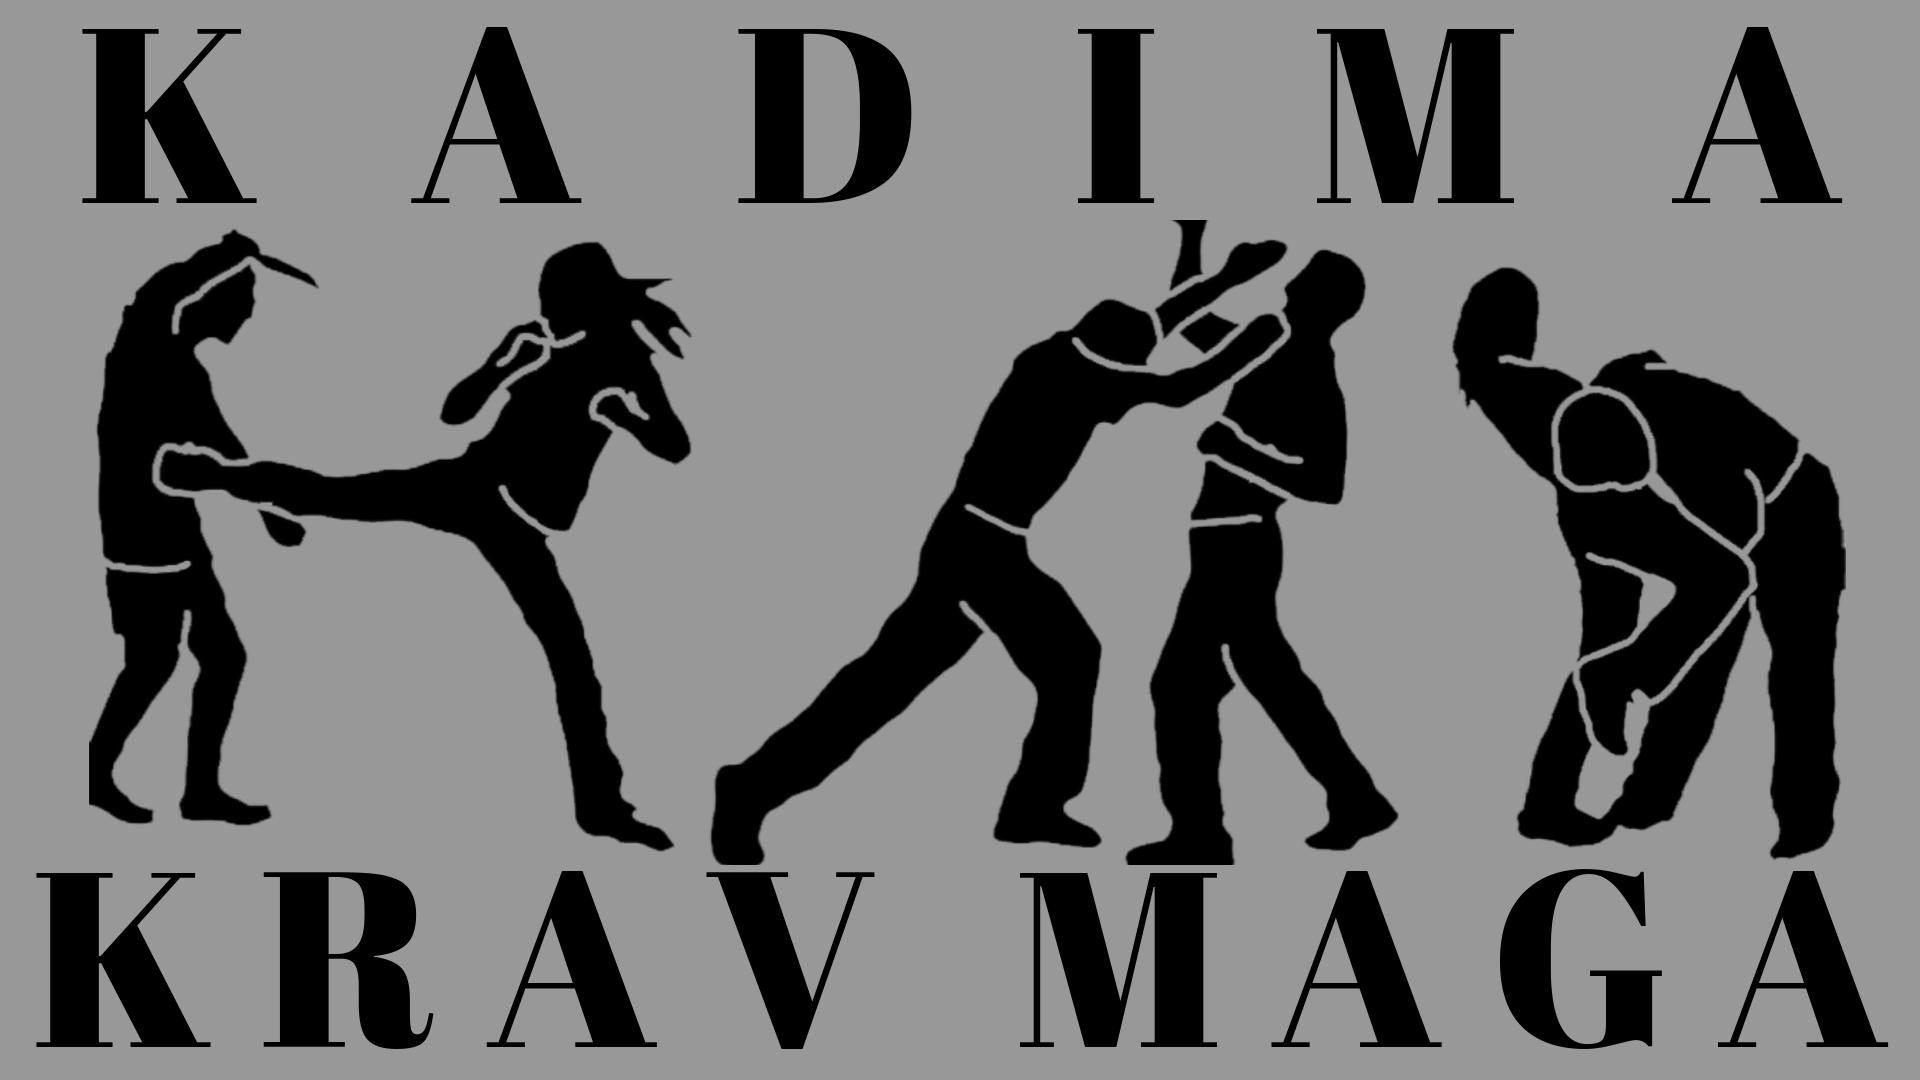 Banner Image for Kadima: Krav Maga Event